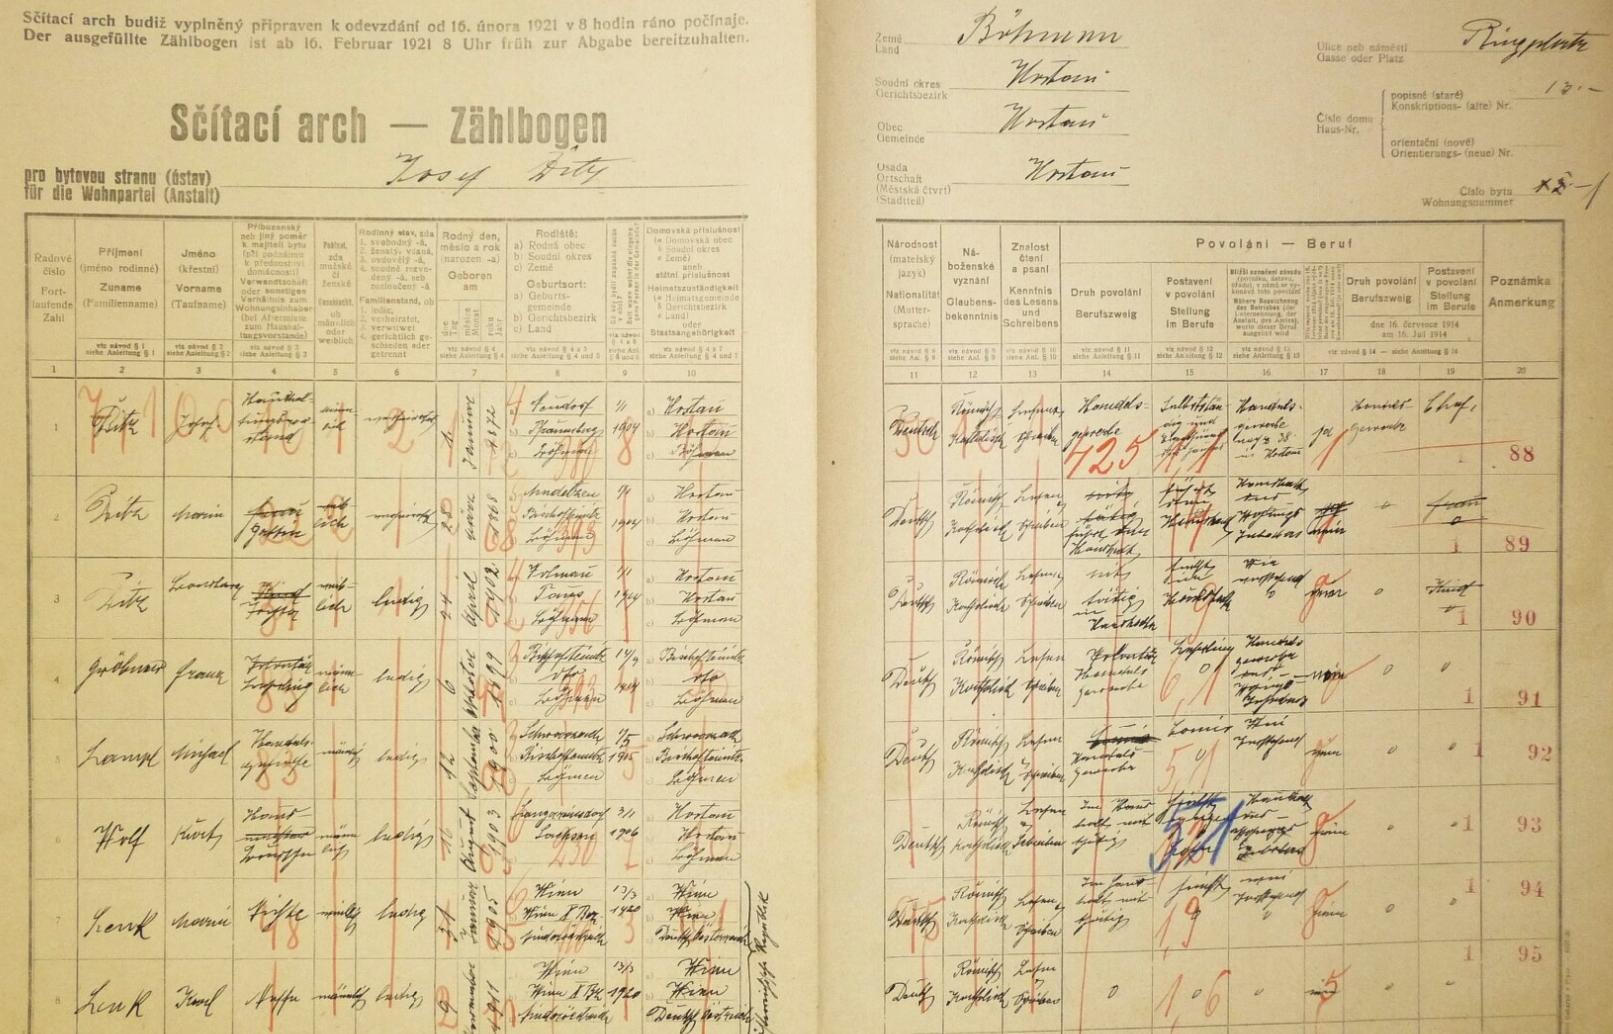 Arch sčítání lidu z roku 1921 pro dům čp. 13 v Hostouni s rodinou Josefa a Marie Ditzových, a to i s dcerou Barbarou, která tu má ovšem datum narození 24. dubna 1902, tedy jiné než na záznamu českobudějovické oddací matriky